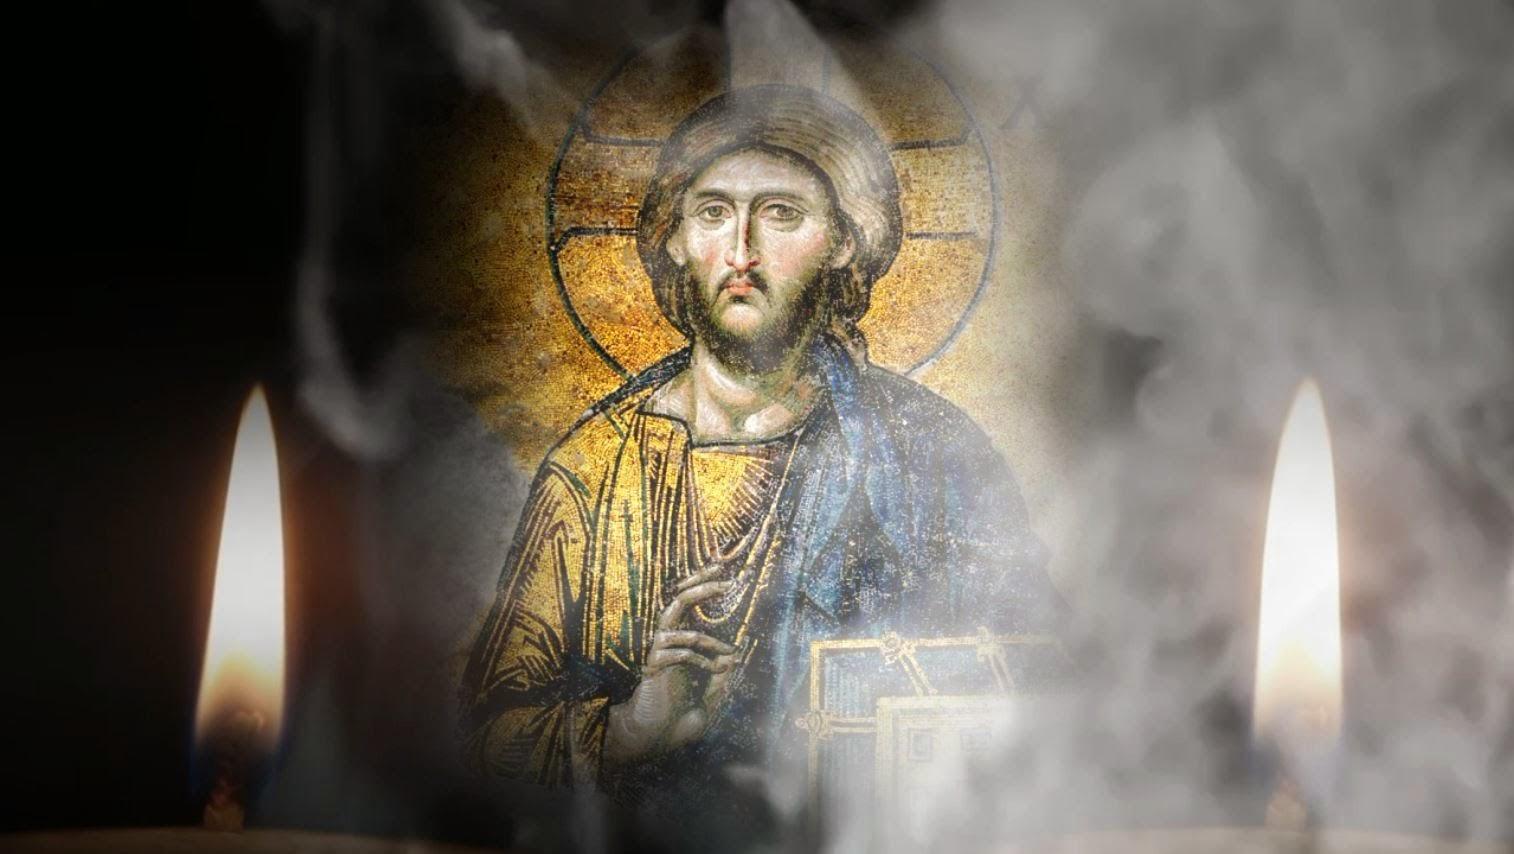 Σημεία του Χριστού και σημεία του Αντιχρίστου. Σε τι διαφέρουν;